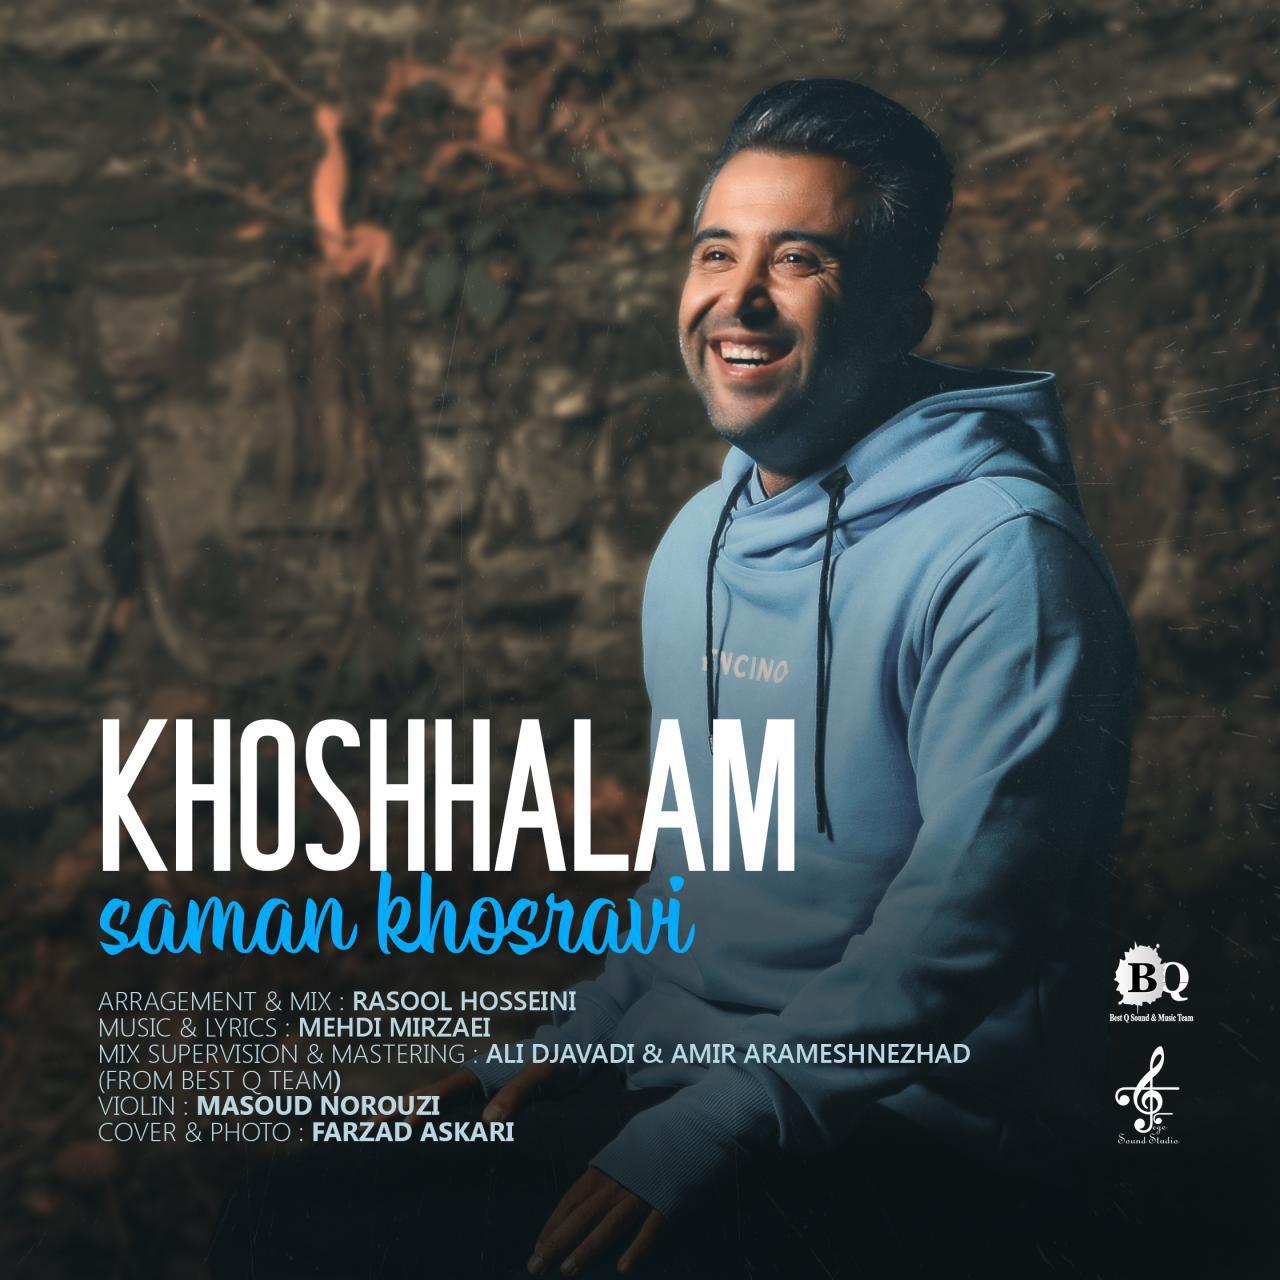 Saman Khosravi – Khoshhalam